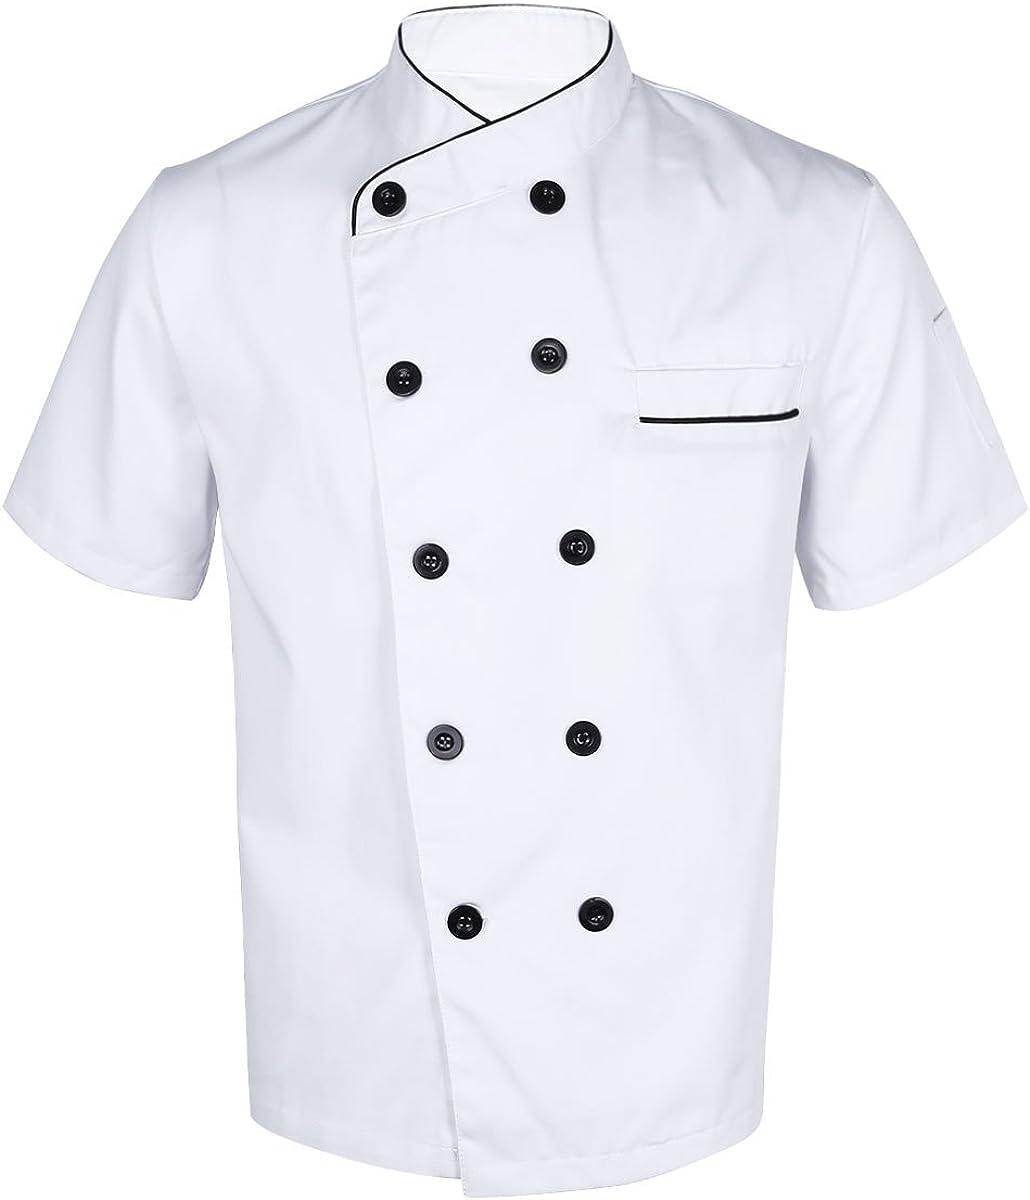 Dooxii Unisex Donna Uomo Mode Estate Manica Corta Giacca da Chef Professionale Ristorante Occidentale Cucina Mensa Hotel Uniformi Divise da Cuoco